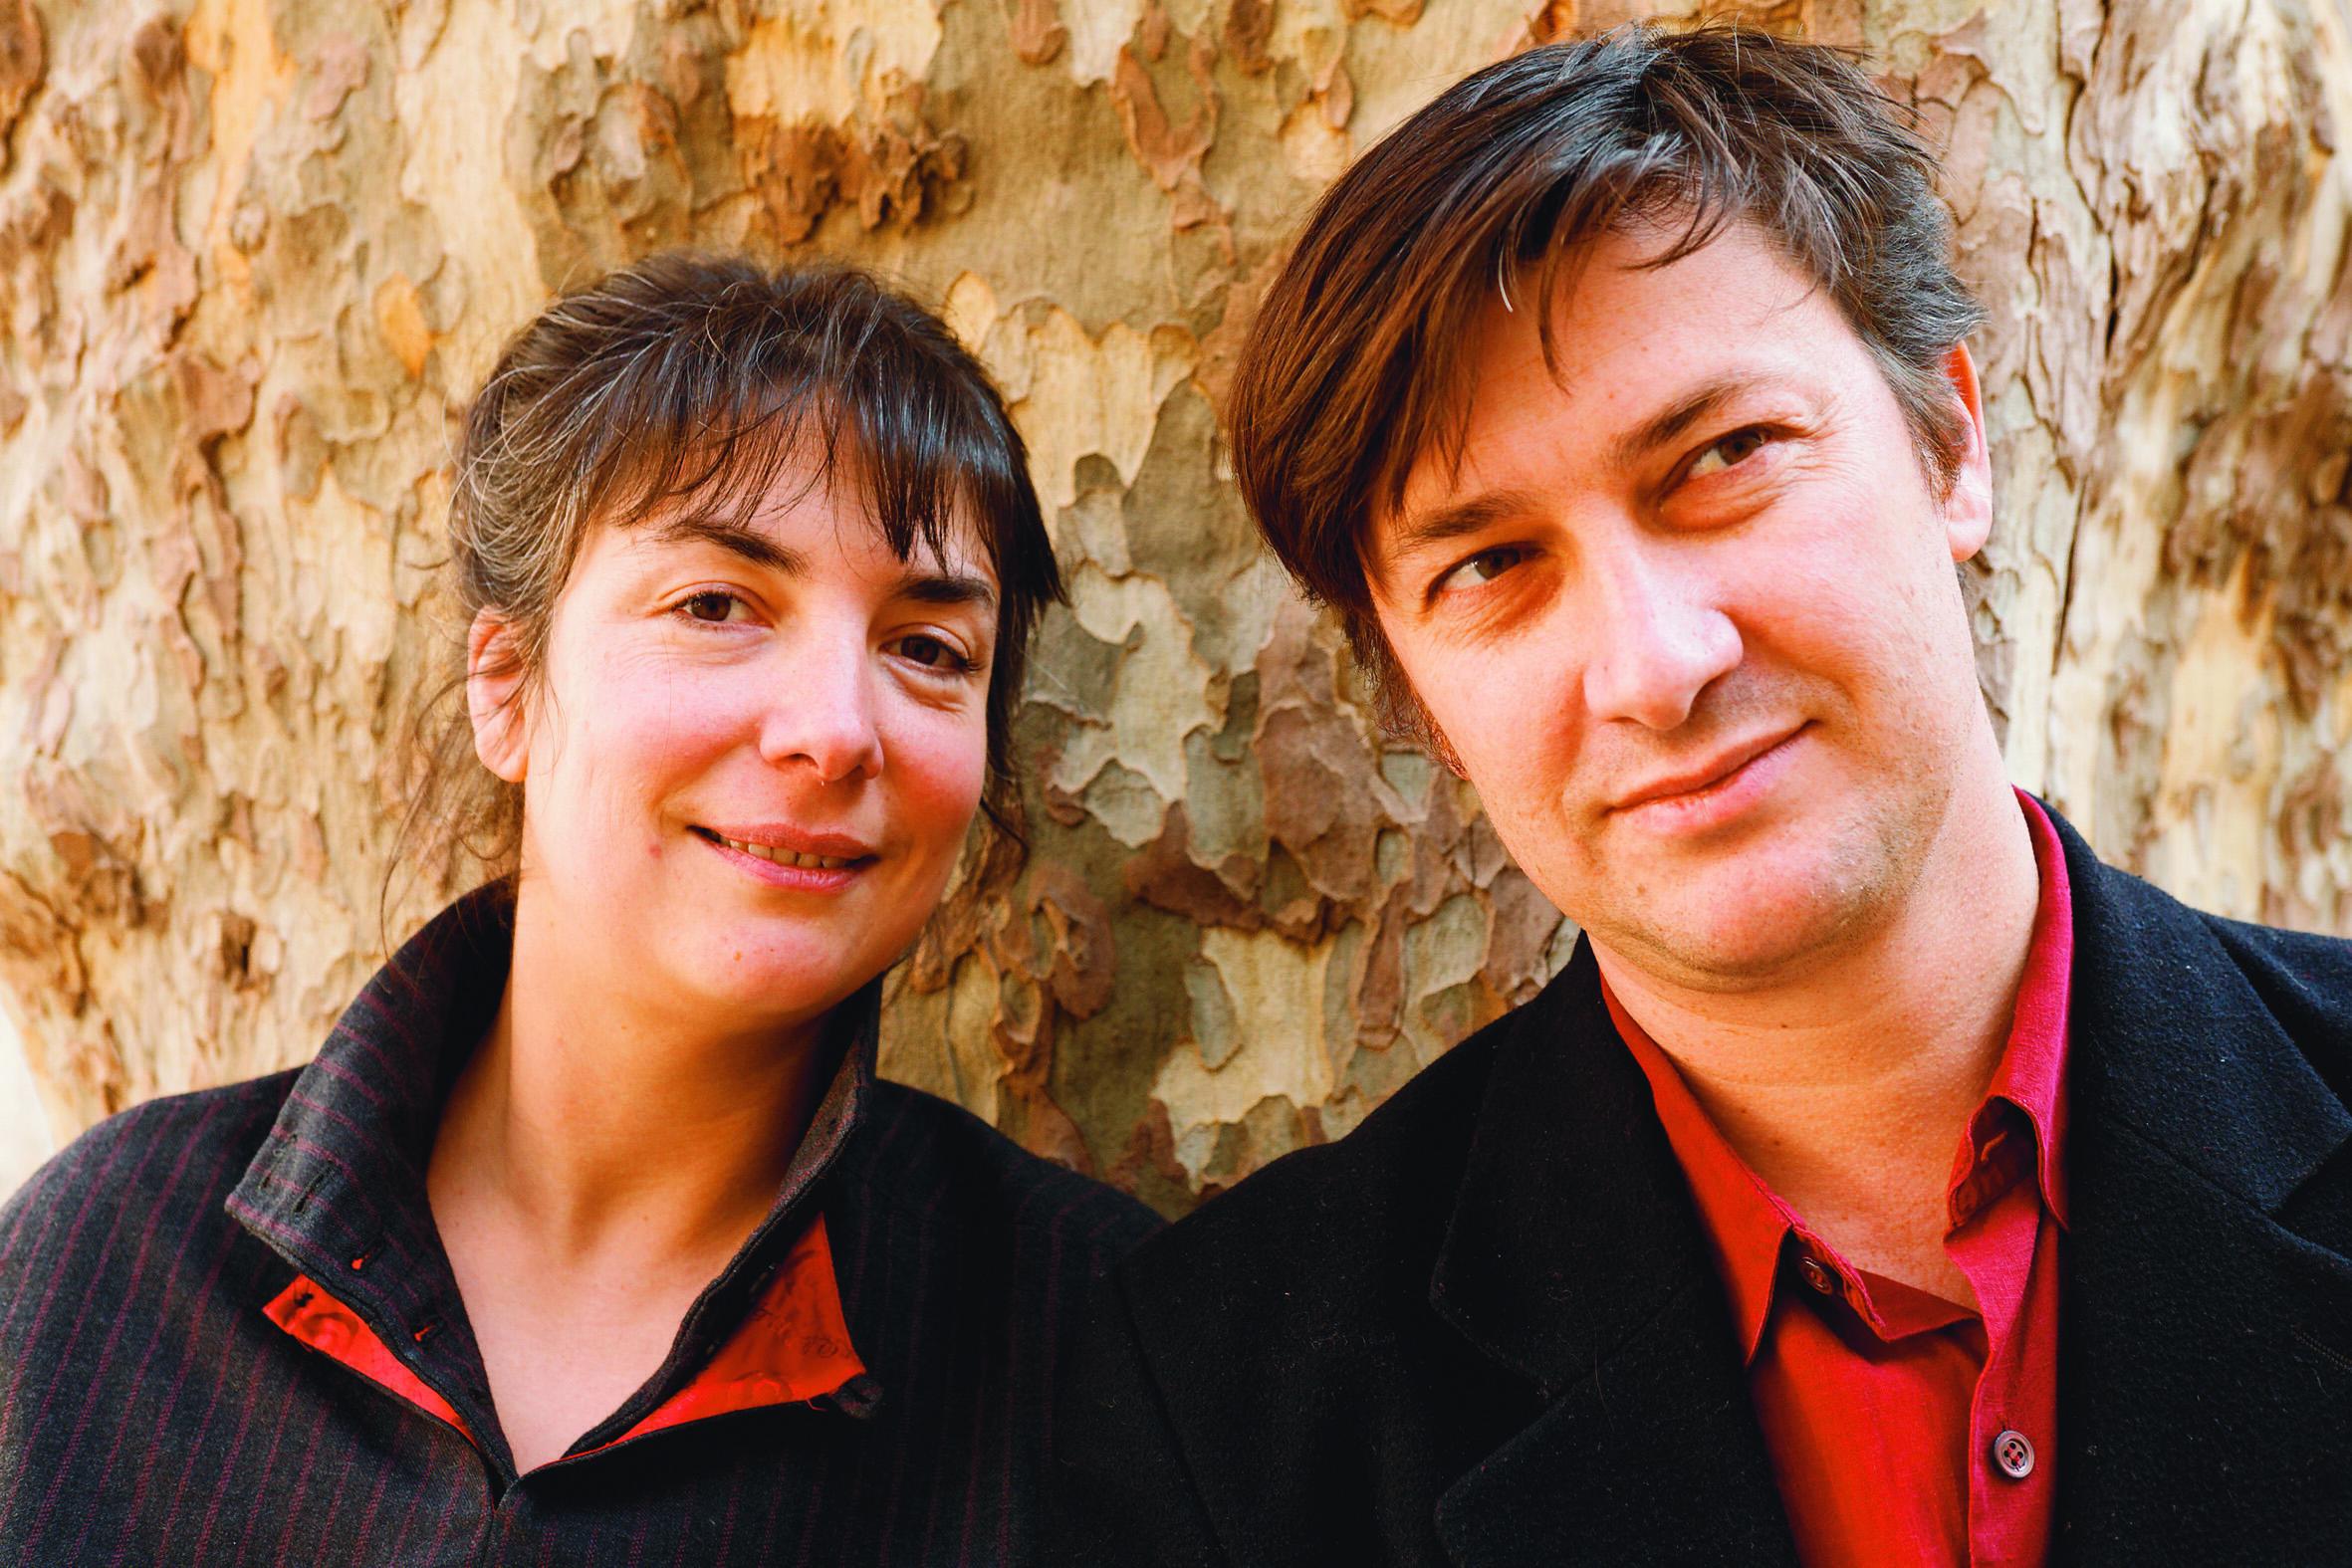 Ортанс Аршамбо и Венсан Бодрие. Авиньон 2010